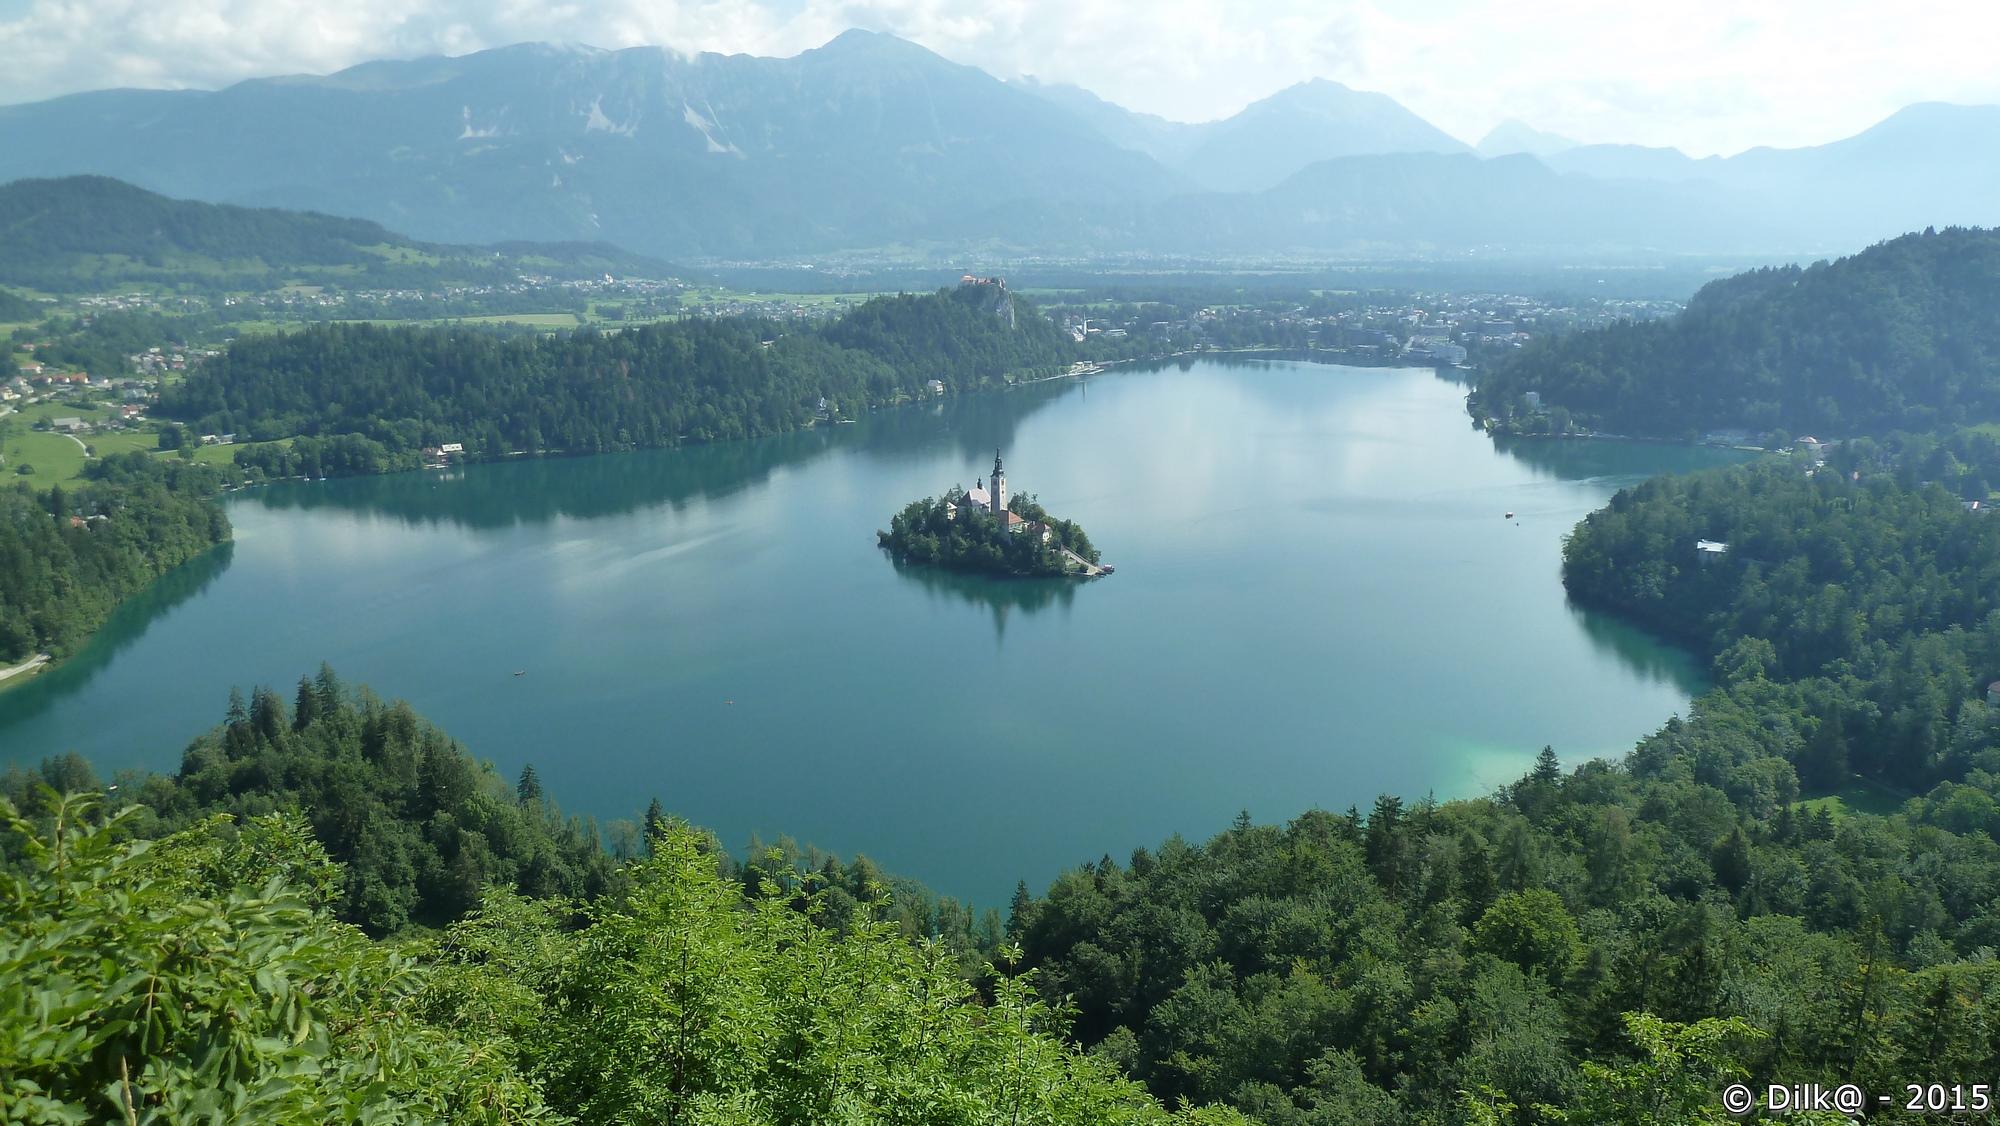 Le lac de Bled vue du promontoire d'Osojnice